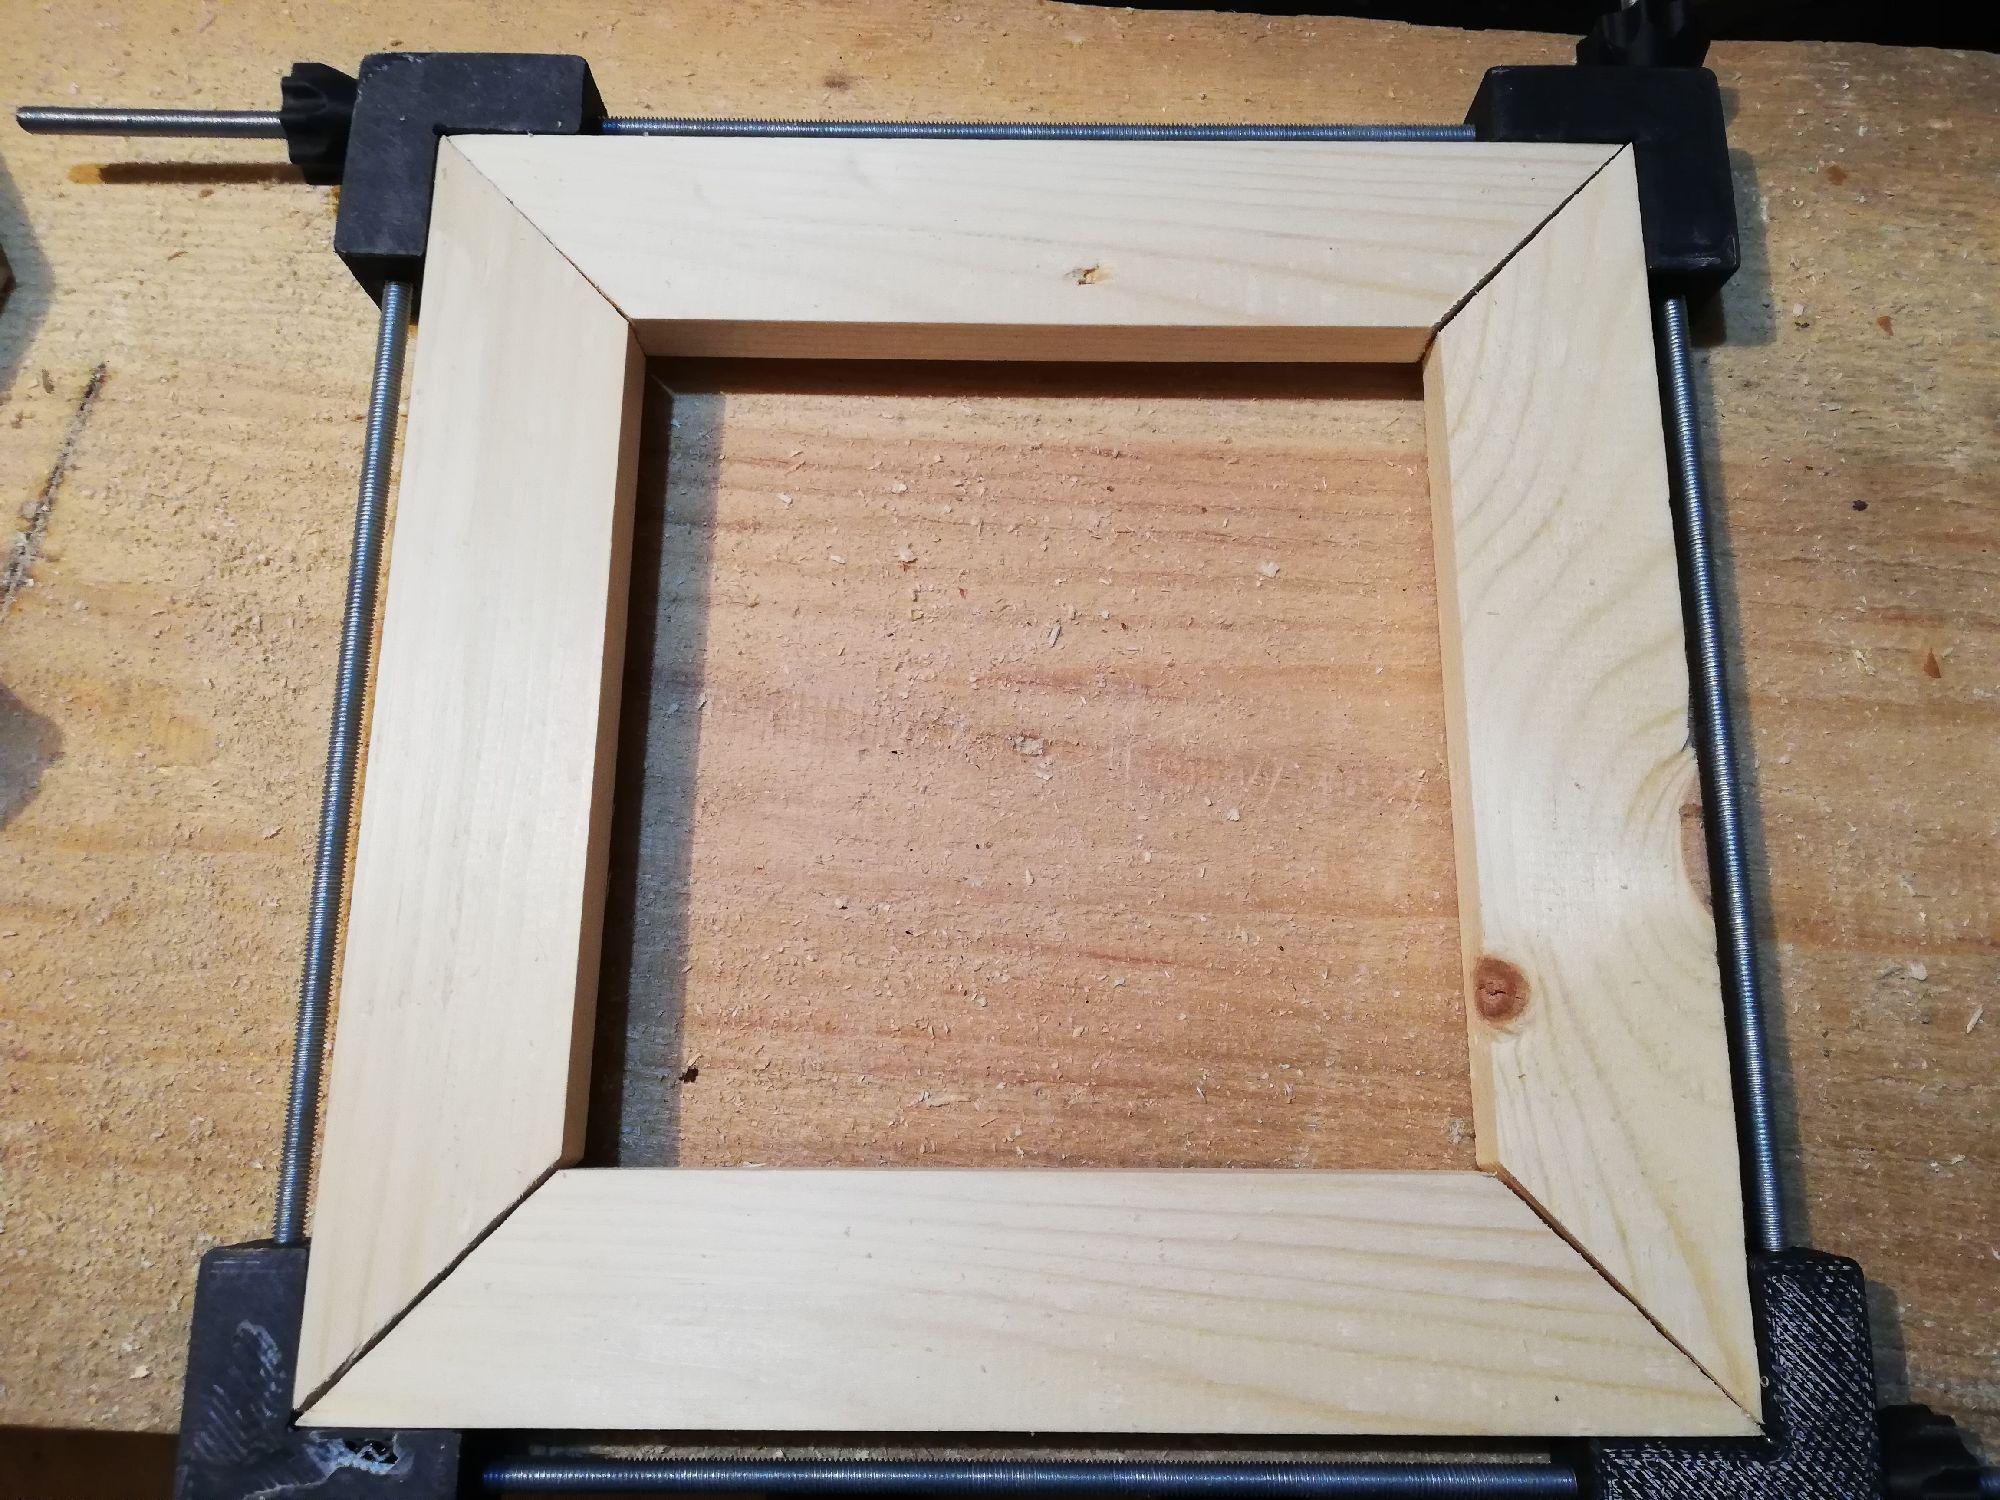 Тут проверял работу струбцинки для рамок, напечатанную Толей, до торцовки. Видно щели)